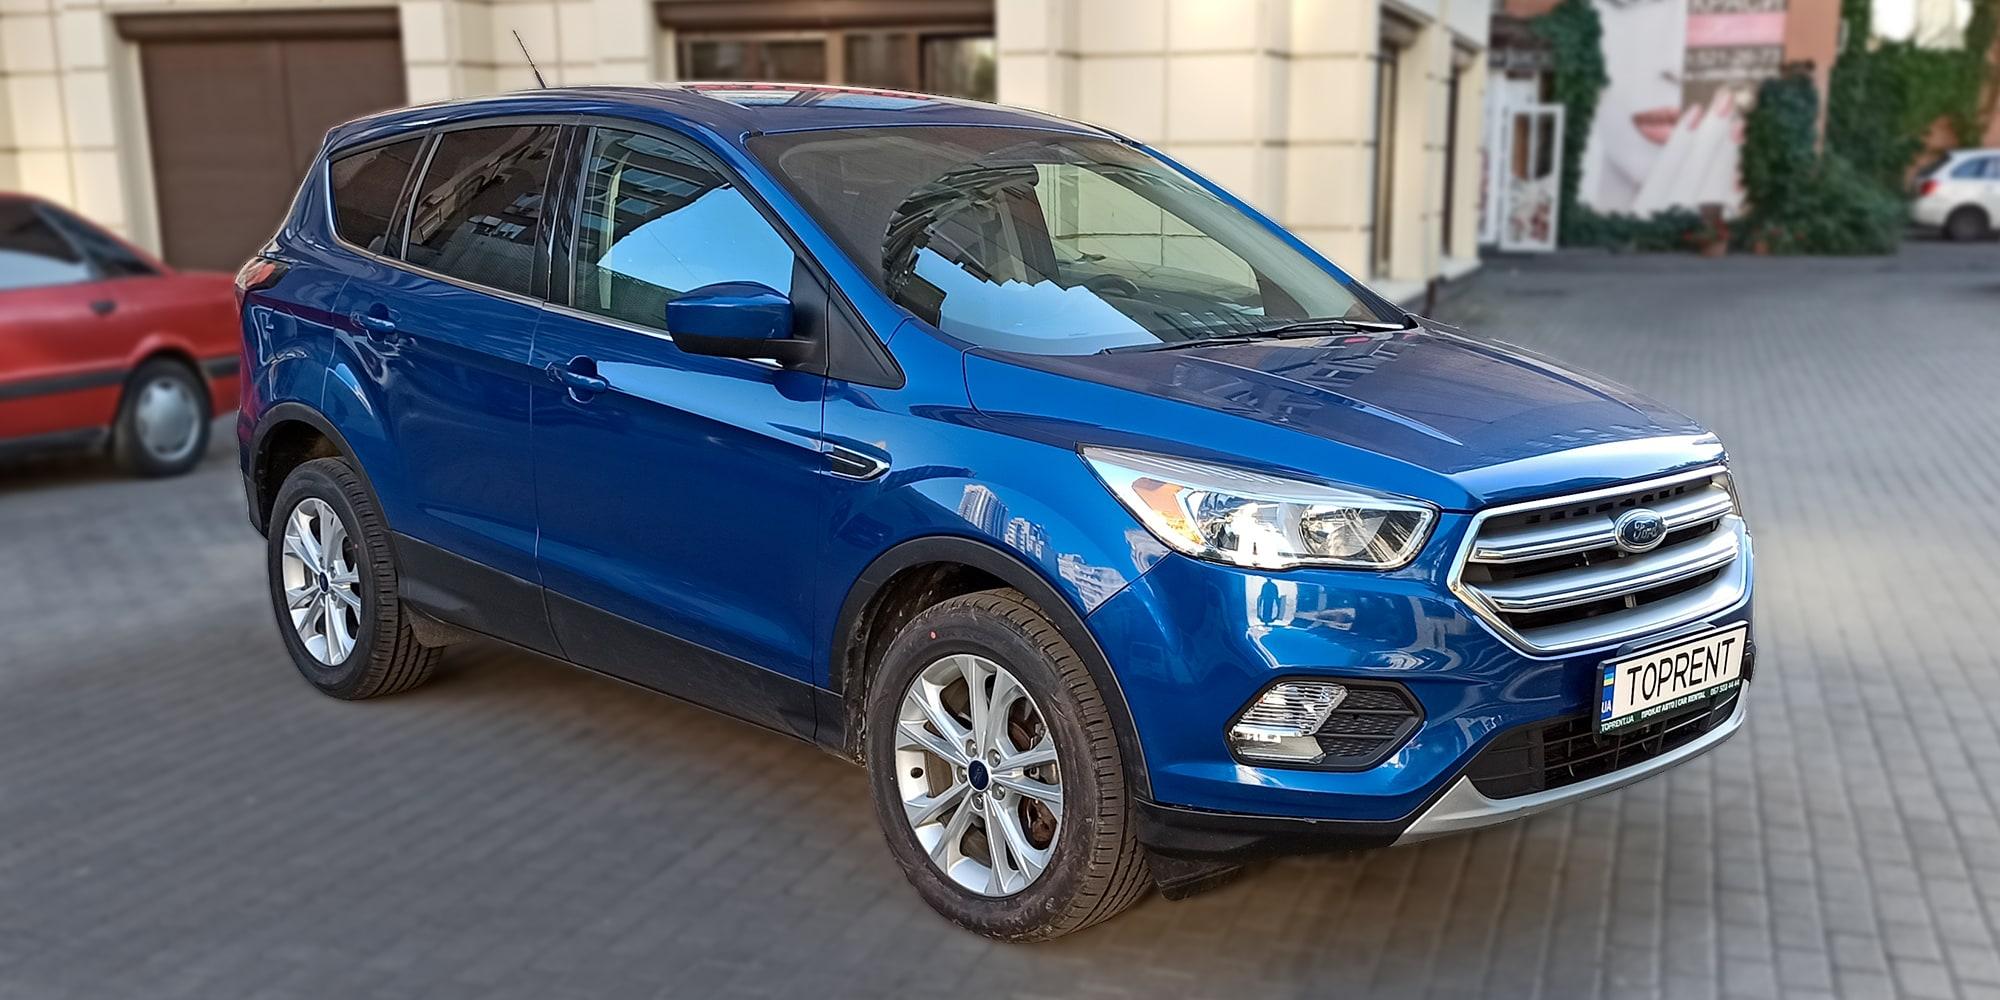 Прокат и аренда авто Ford Escape ( Kuga) 4х4 - фото 2 | TOPrent.ua